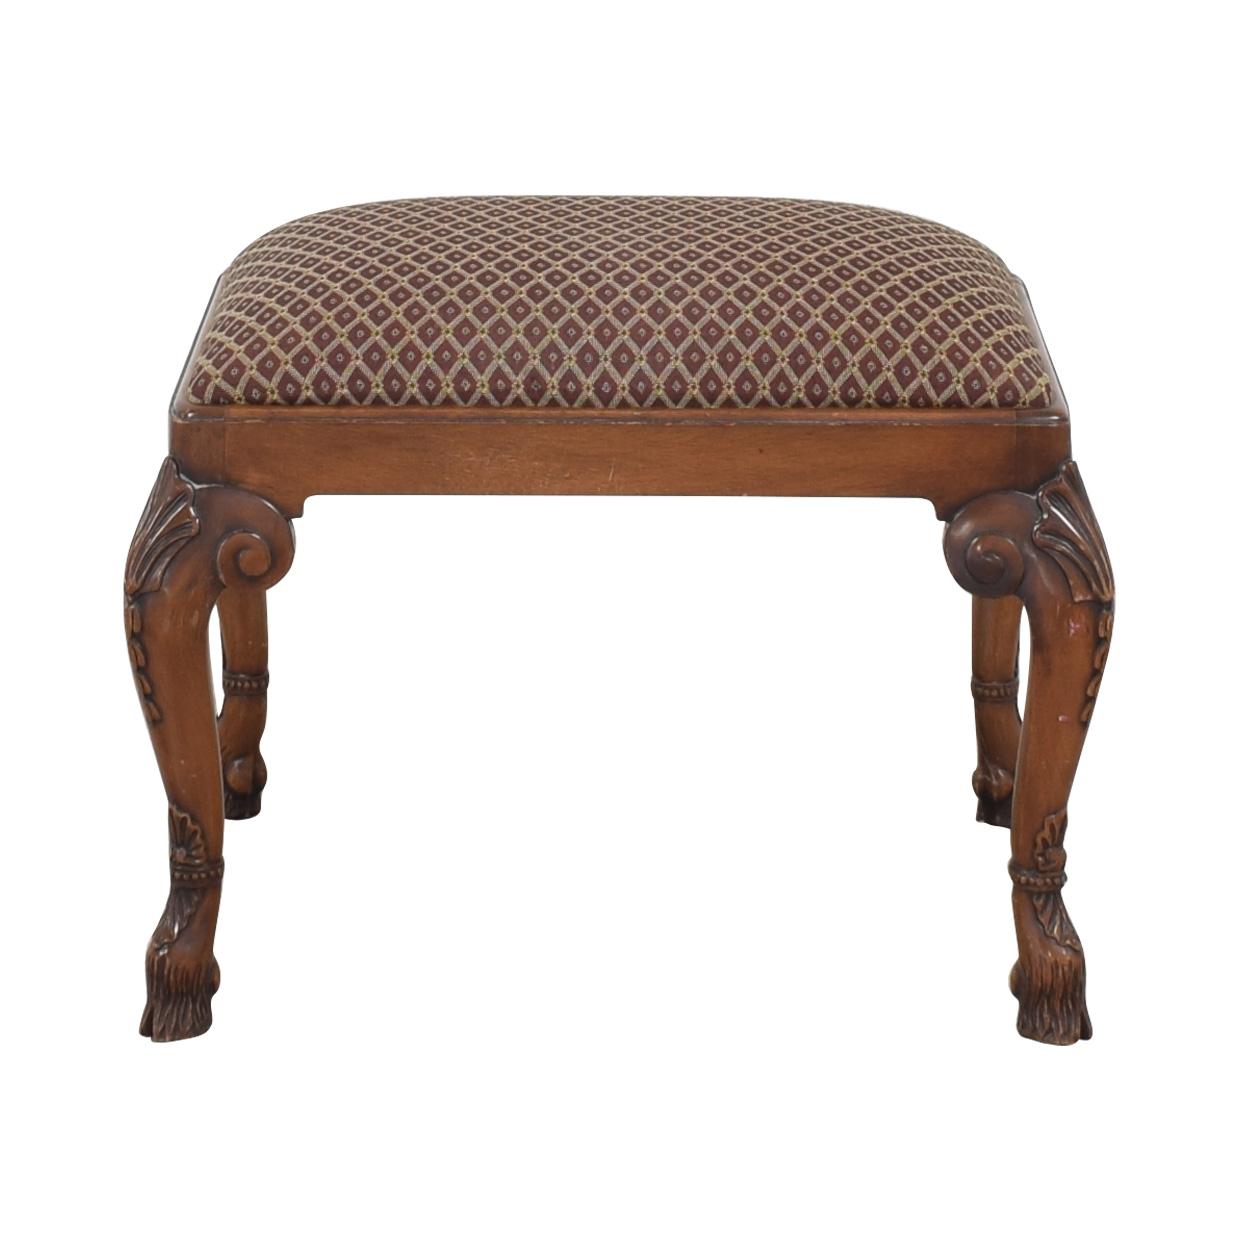 Maitland-Smith Maitland-Smith Bench used